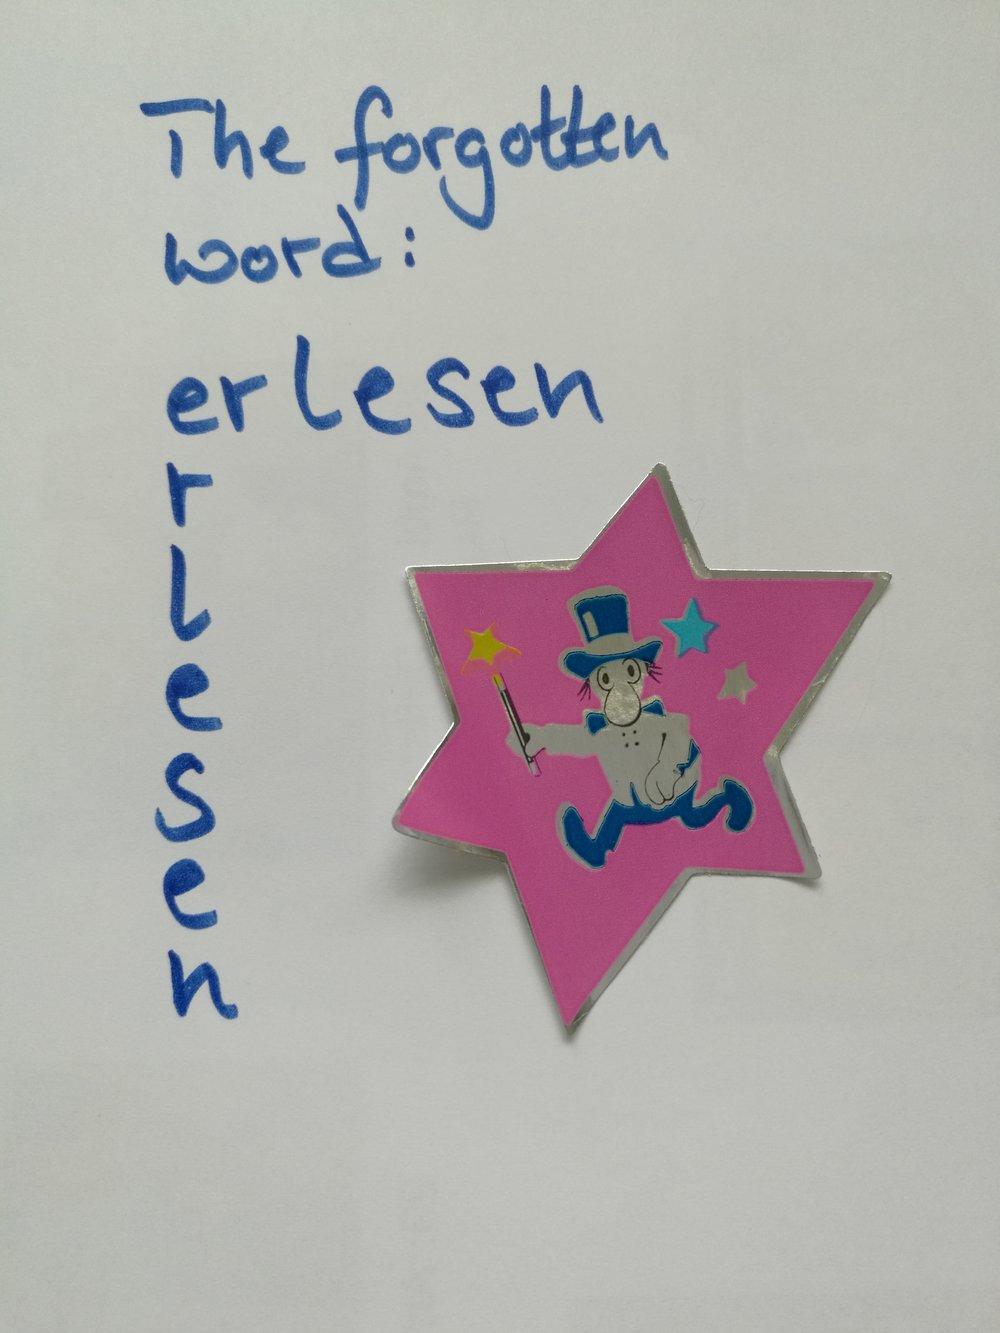 exquisite fine word language forgotten wizard Sprache Wort Wörter erlesen Vokabeln vocabulary